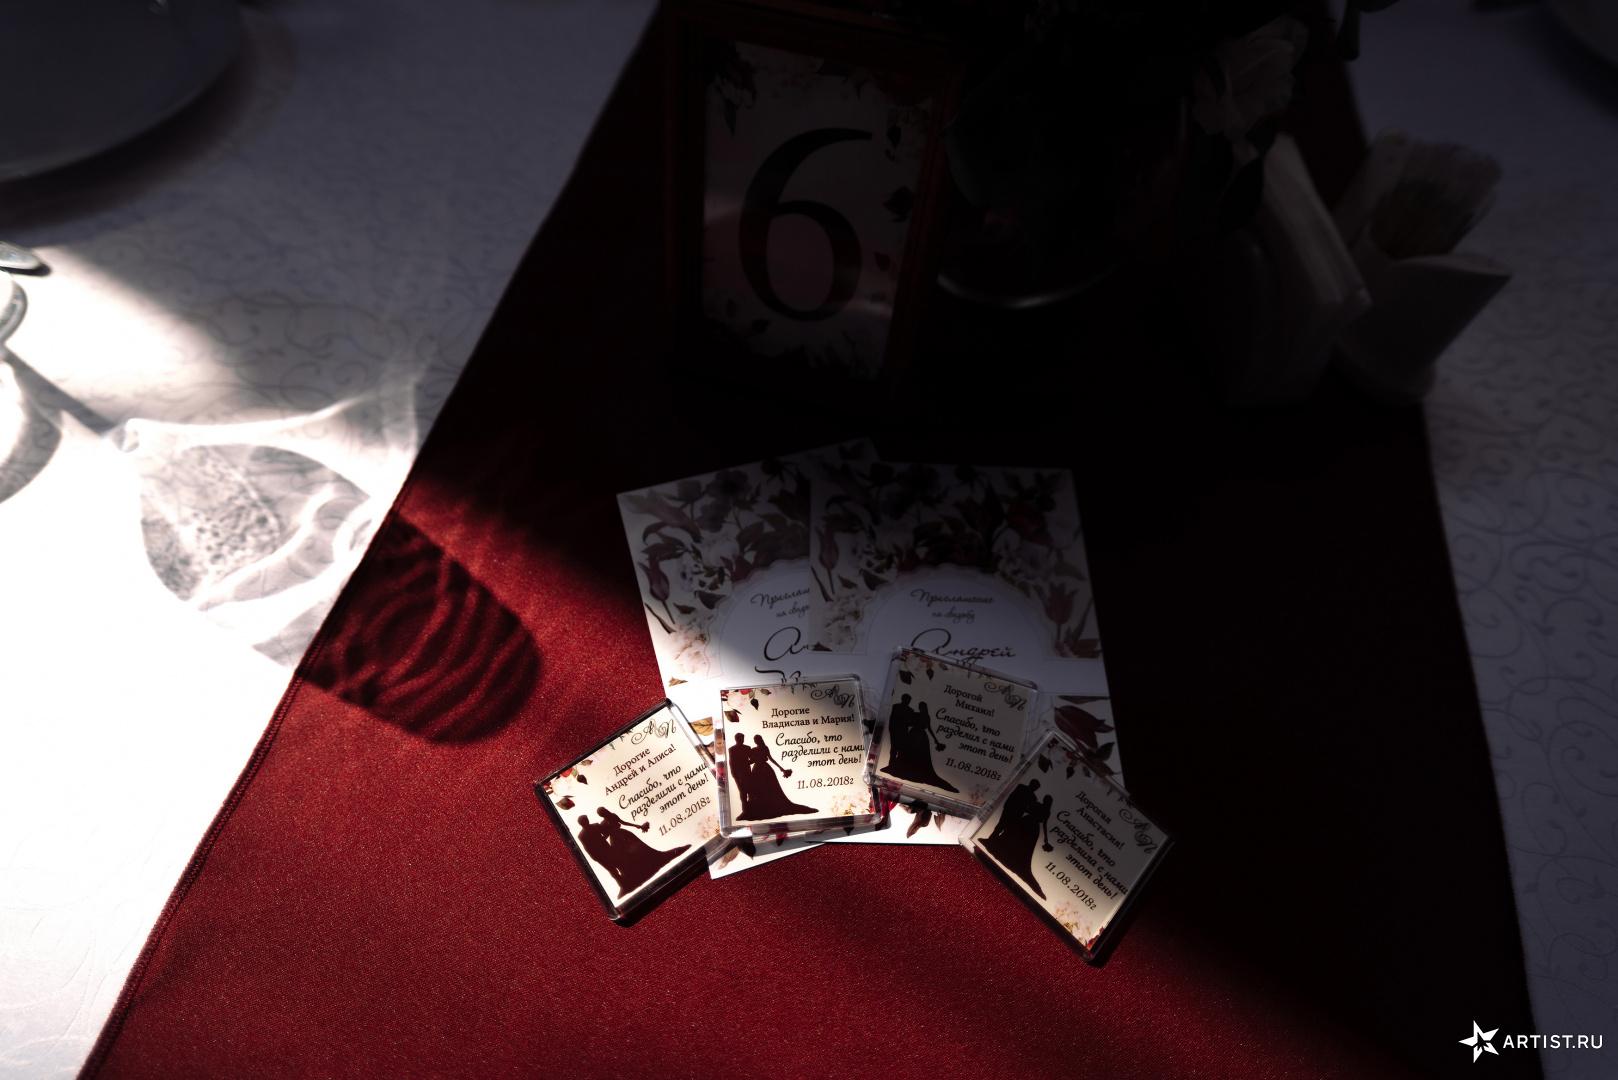 Фото 13 из 16 из альбома Свадьба Полины и Андрея 11 08 18 Андрея Кислого